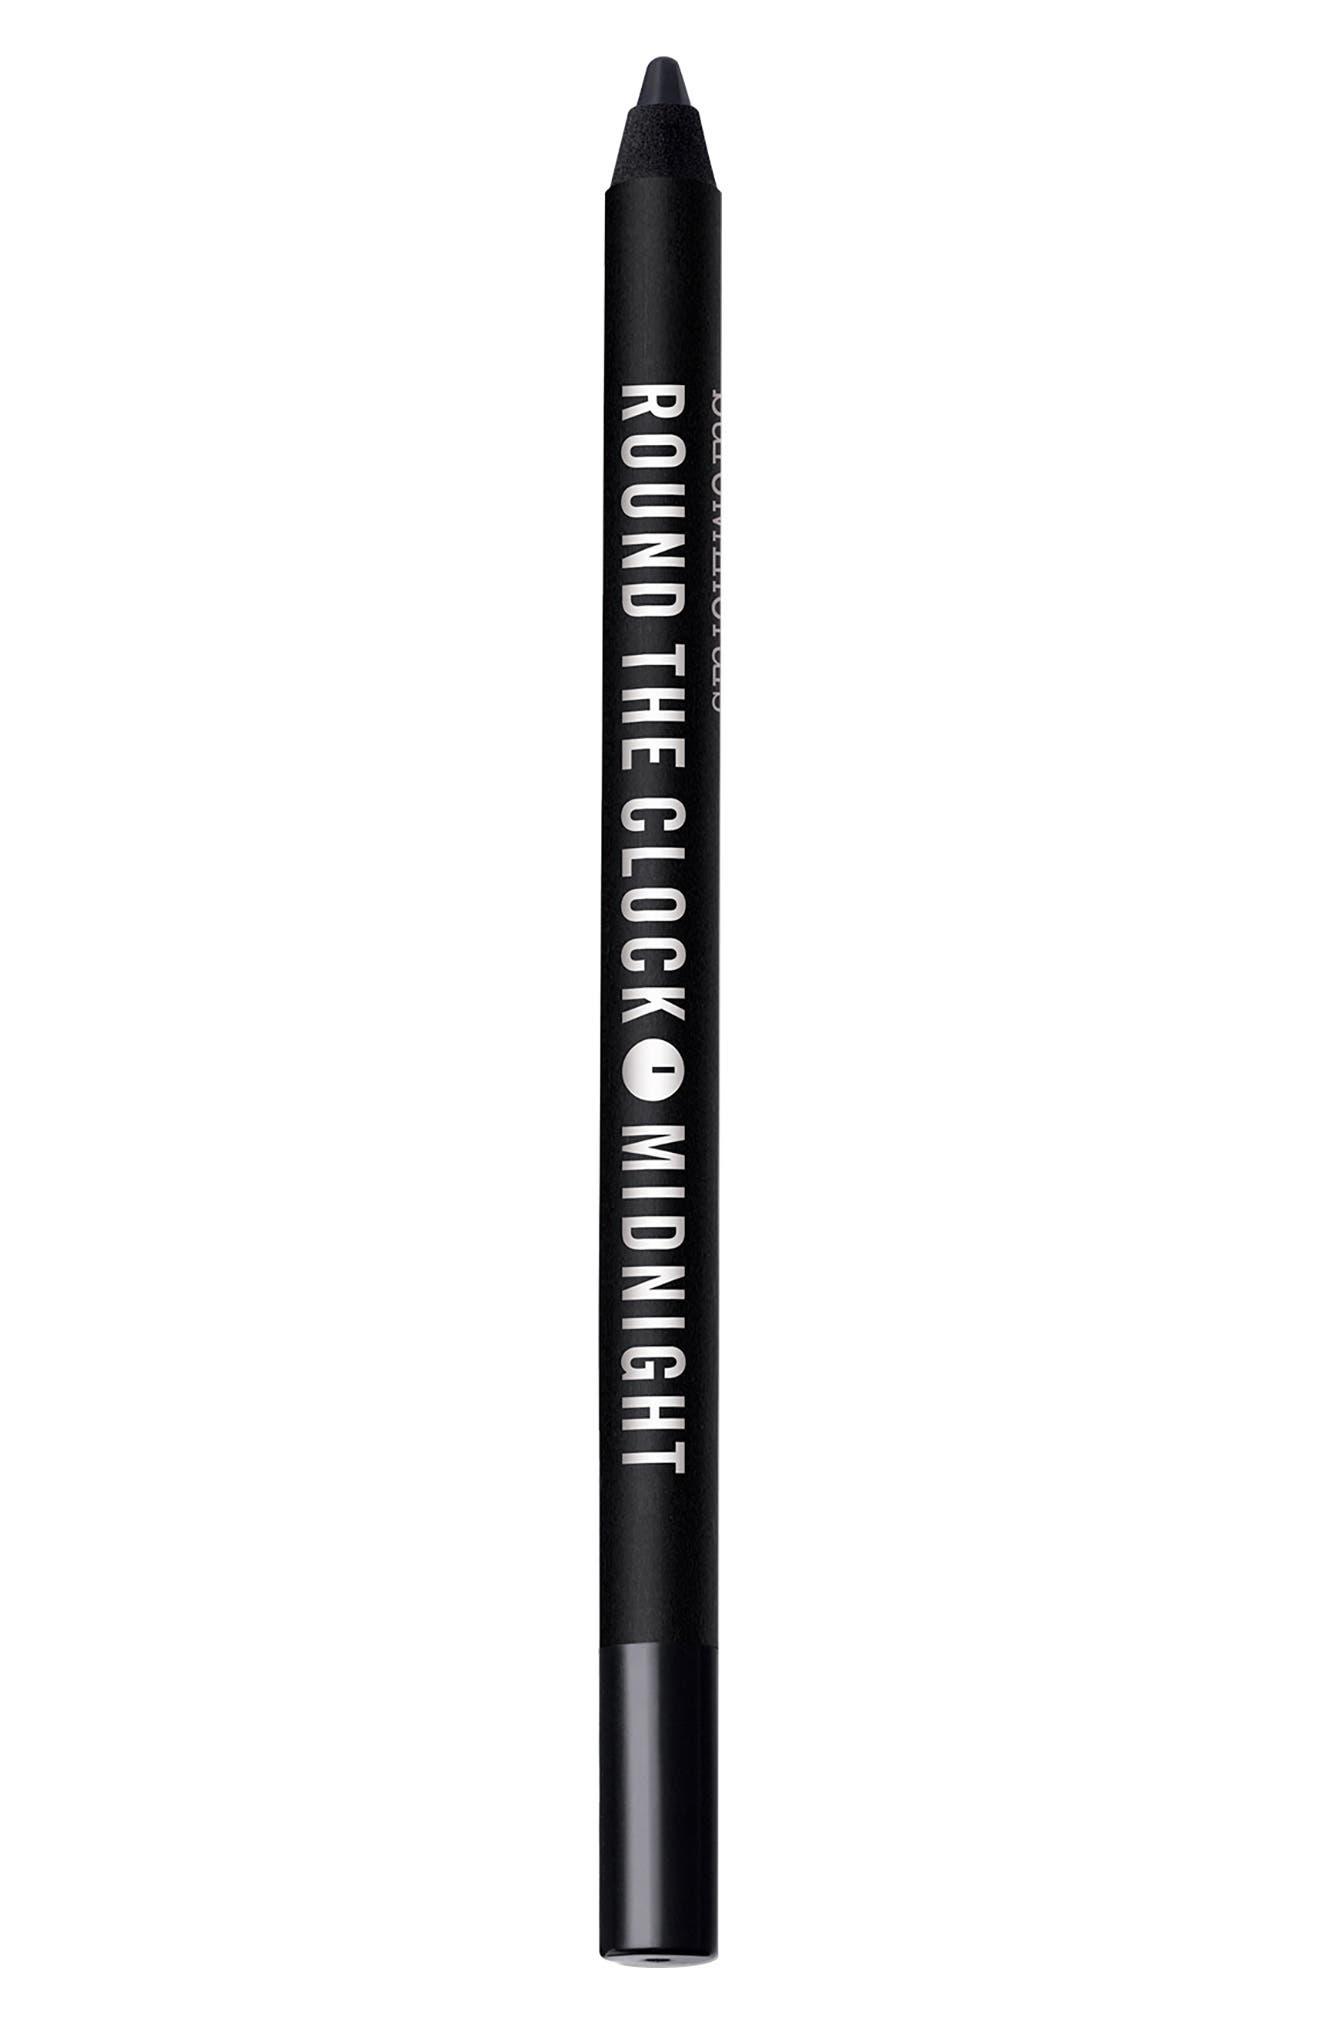 Bareminerals Round The Clock Intense Cream-Glide Eyeliner -